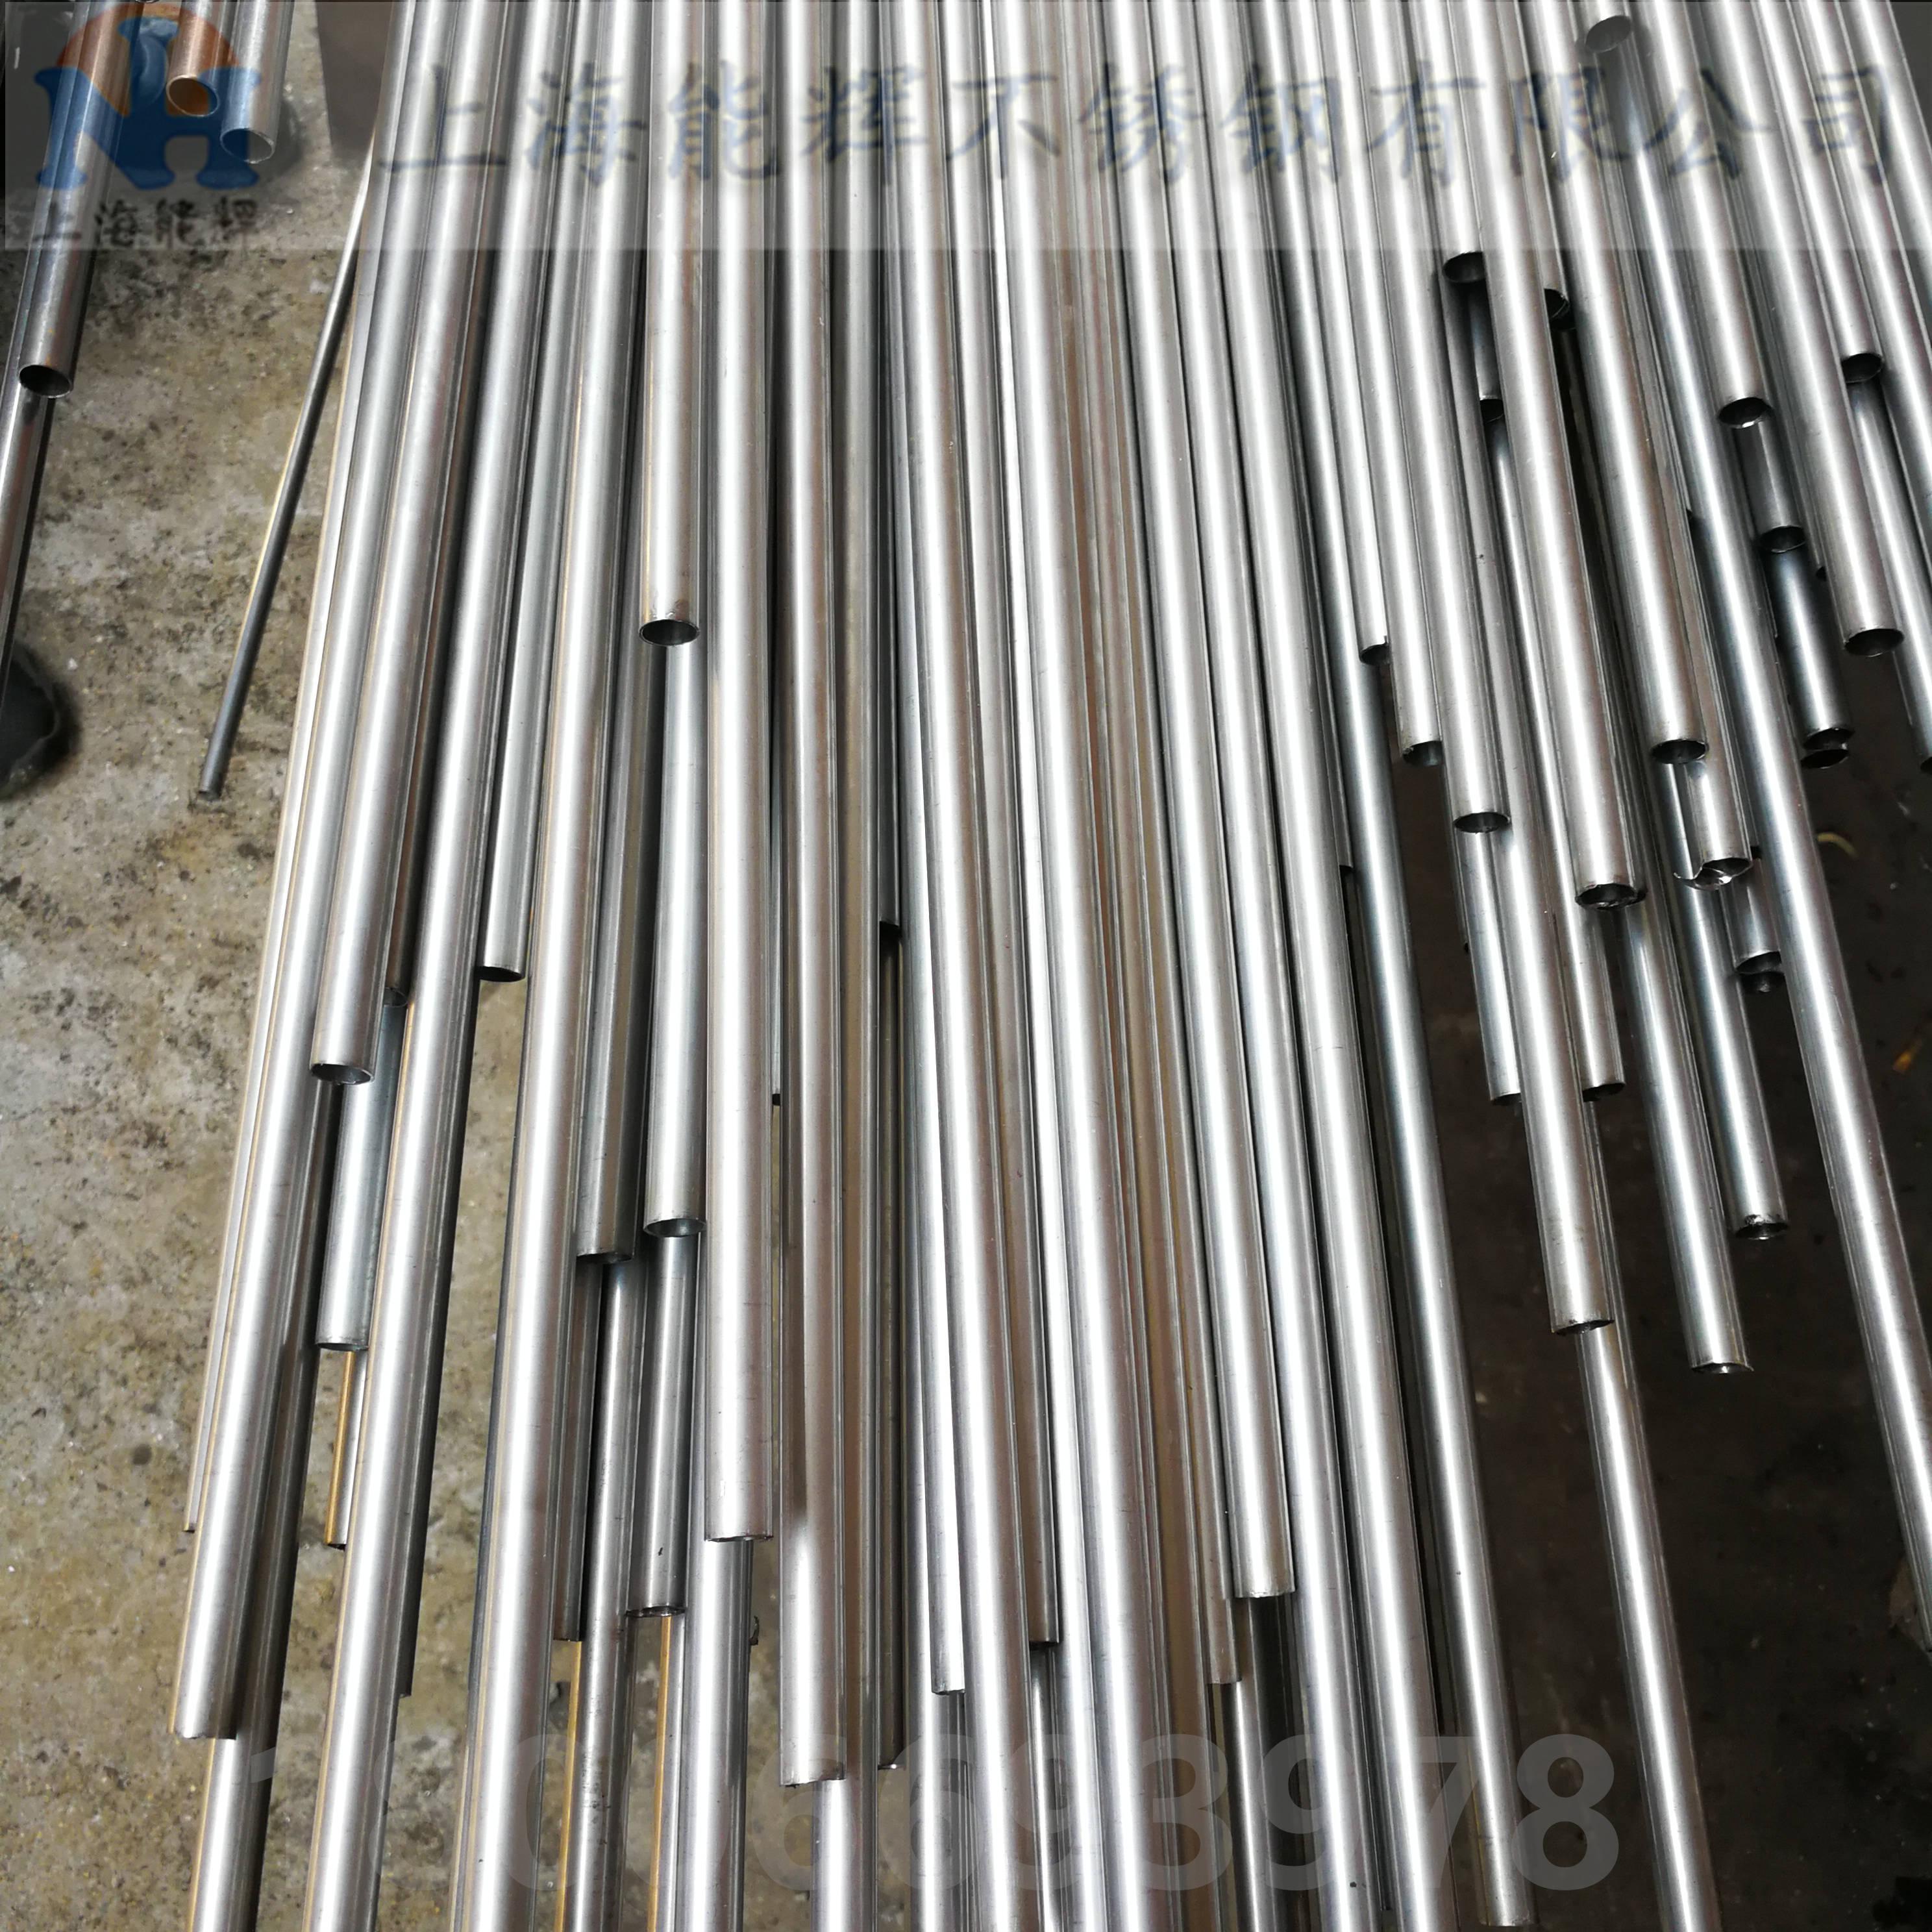 9*1.5卫生级不锈钢管销售和分销各种类型和尺寸满足客户需求(图3)